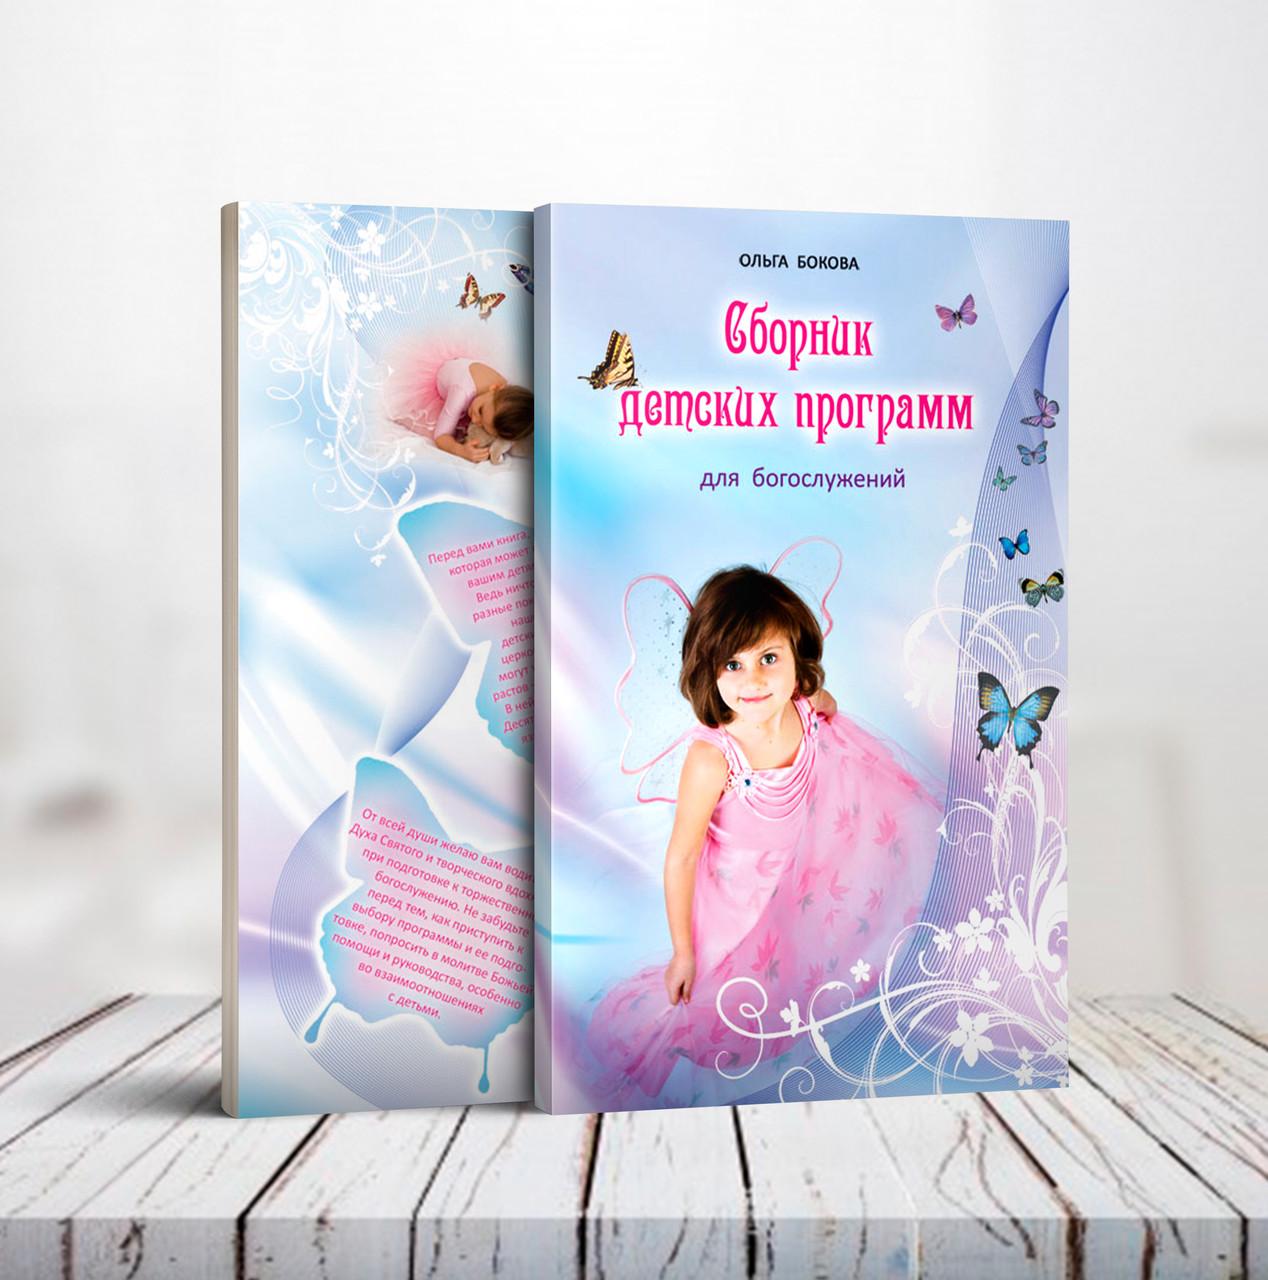 Сборник детских программ для богослужений – Ольга Бокова